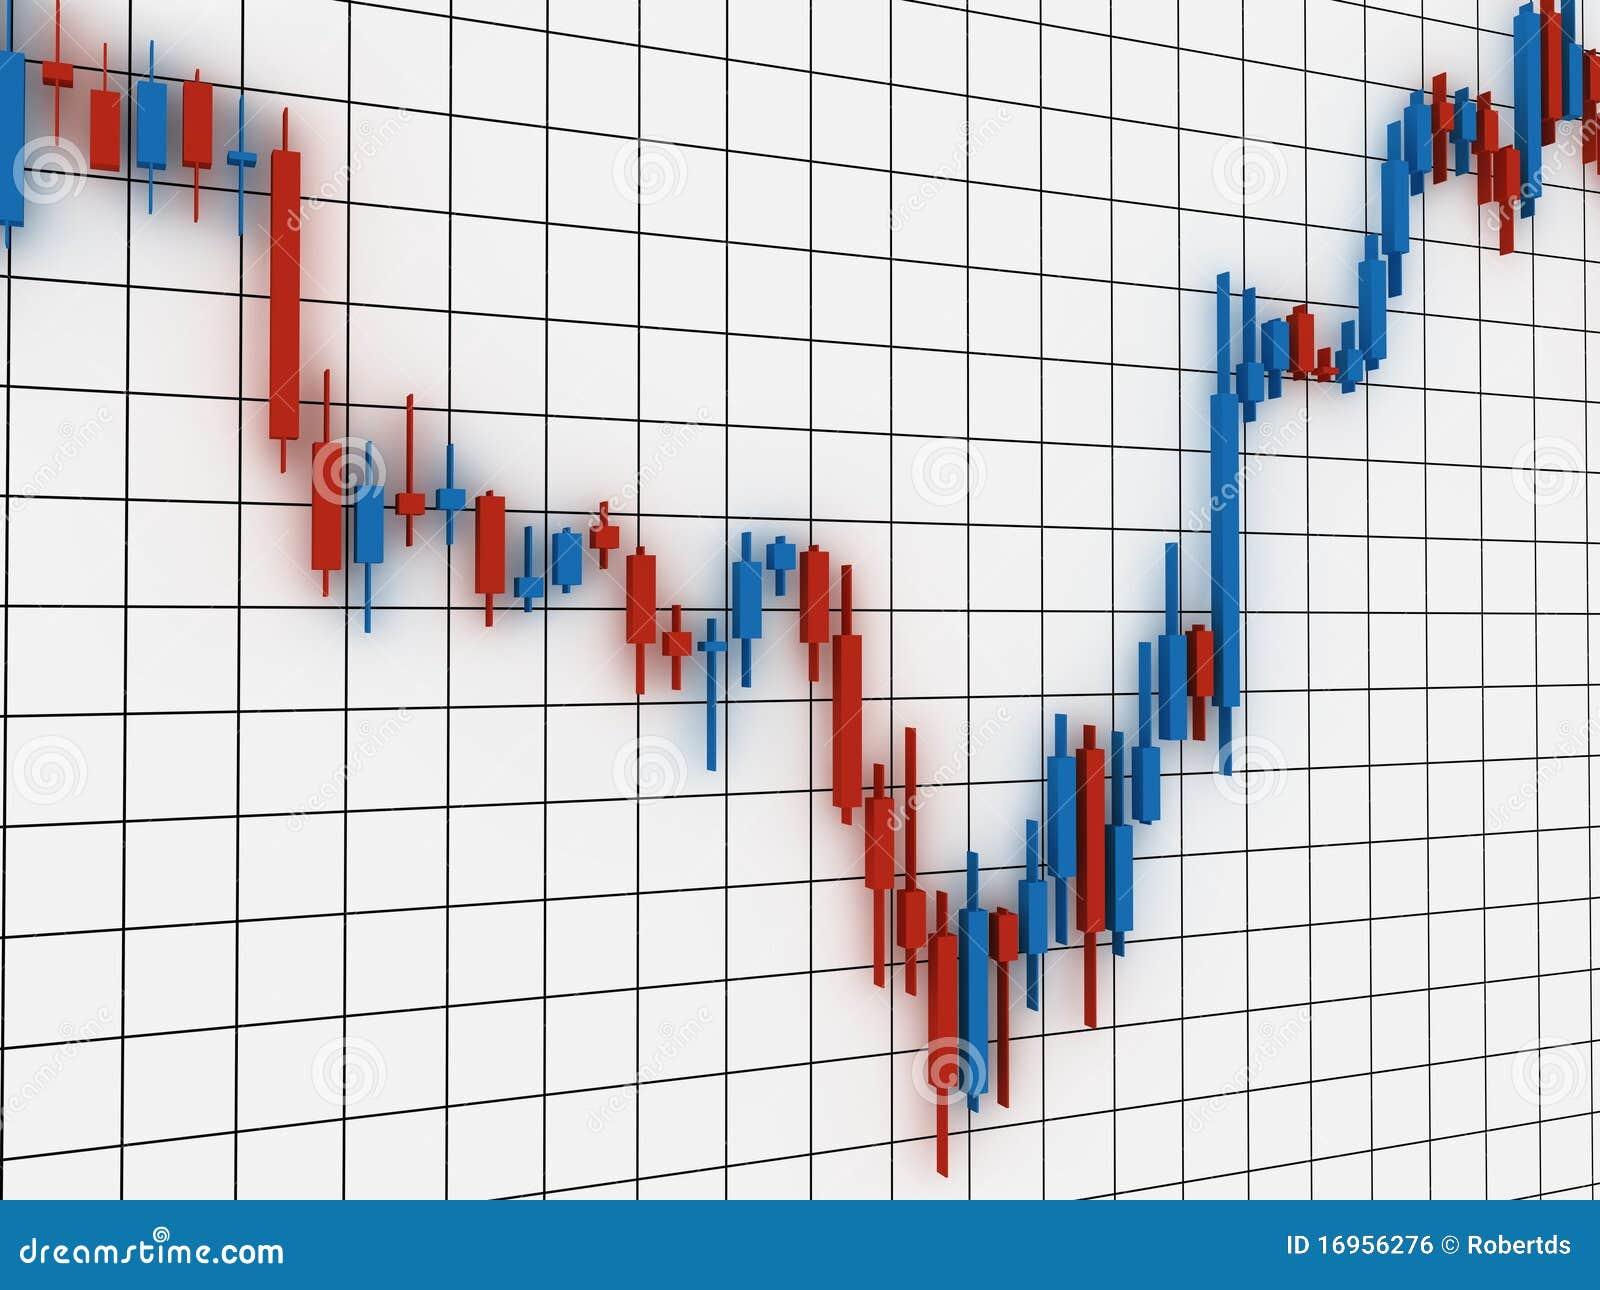 Stock Market Chart Clip Art | www.pixshark.com - Images ...